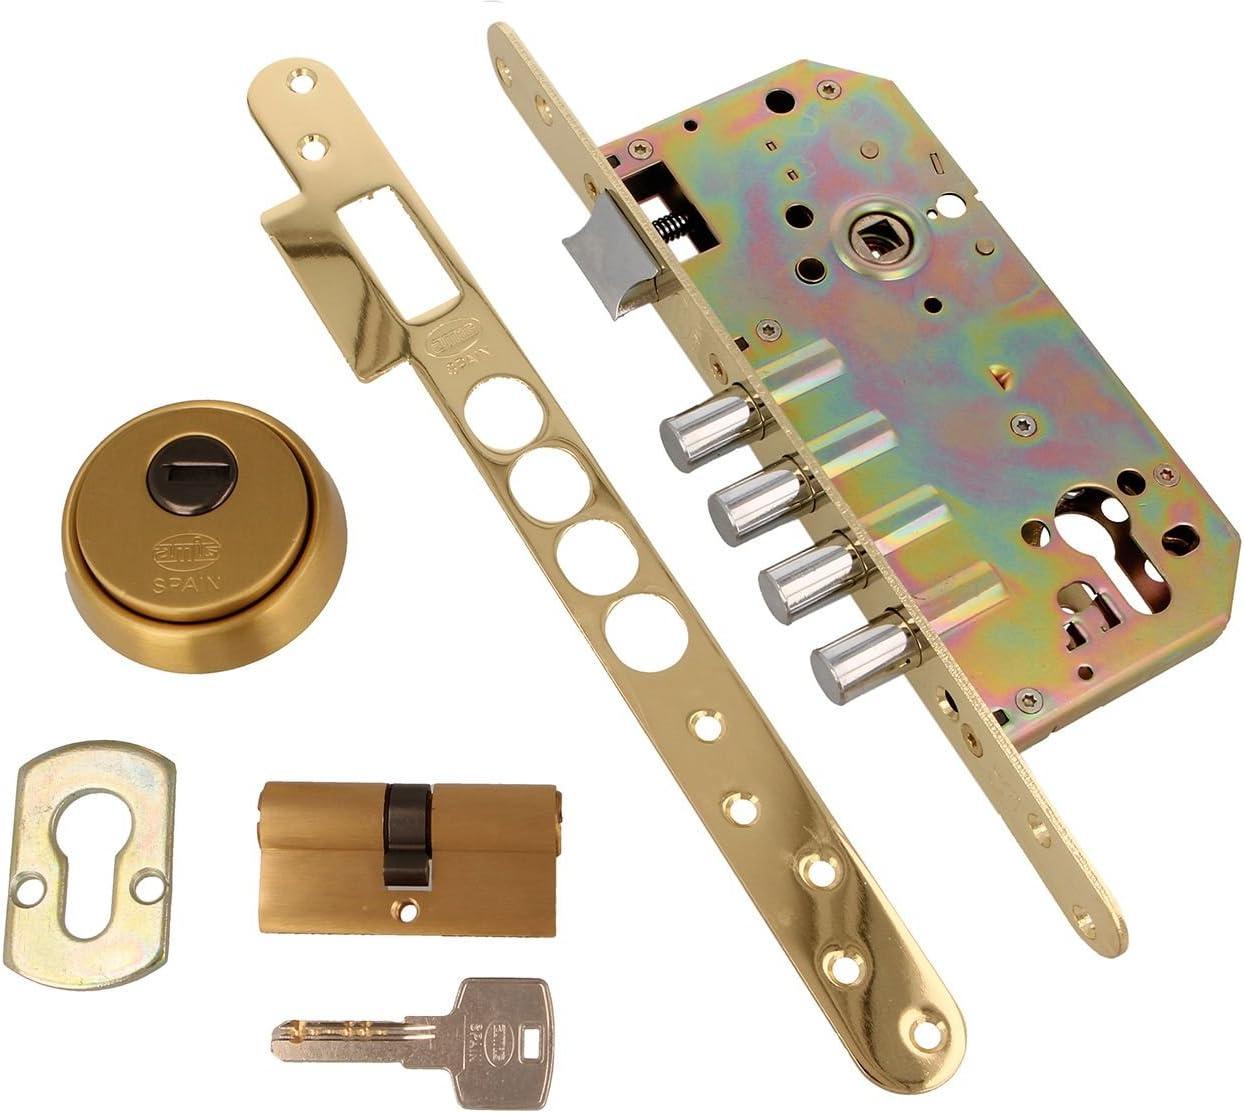 amig 6367 CERRADURA REF.101 LATON MATE 50mm, 0 W, 0 V, Dorada ...